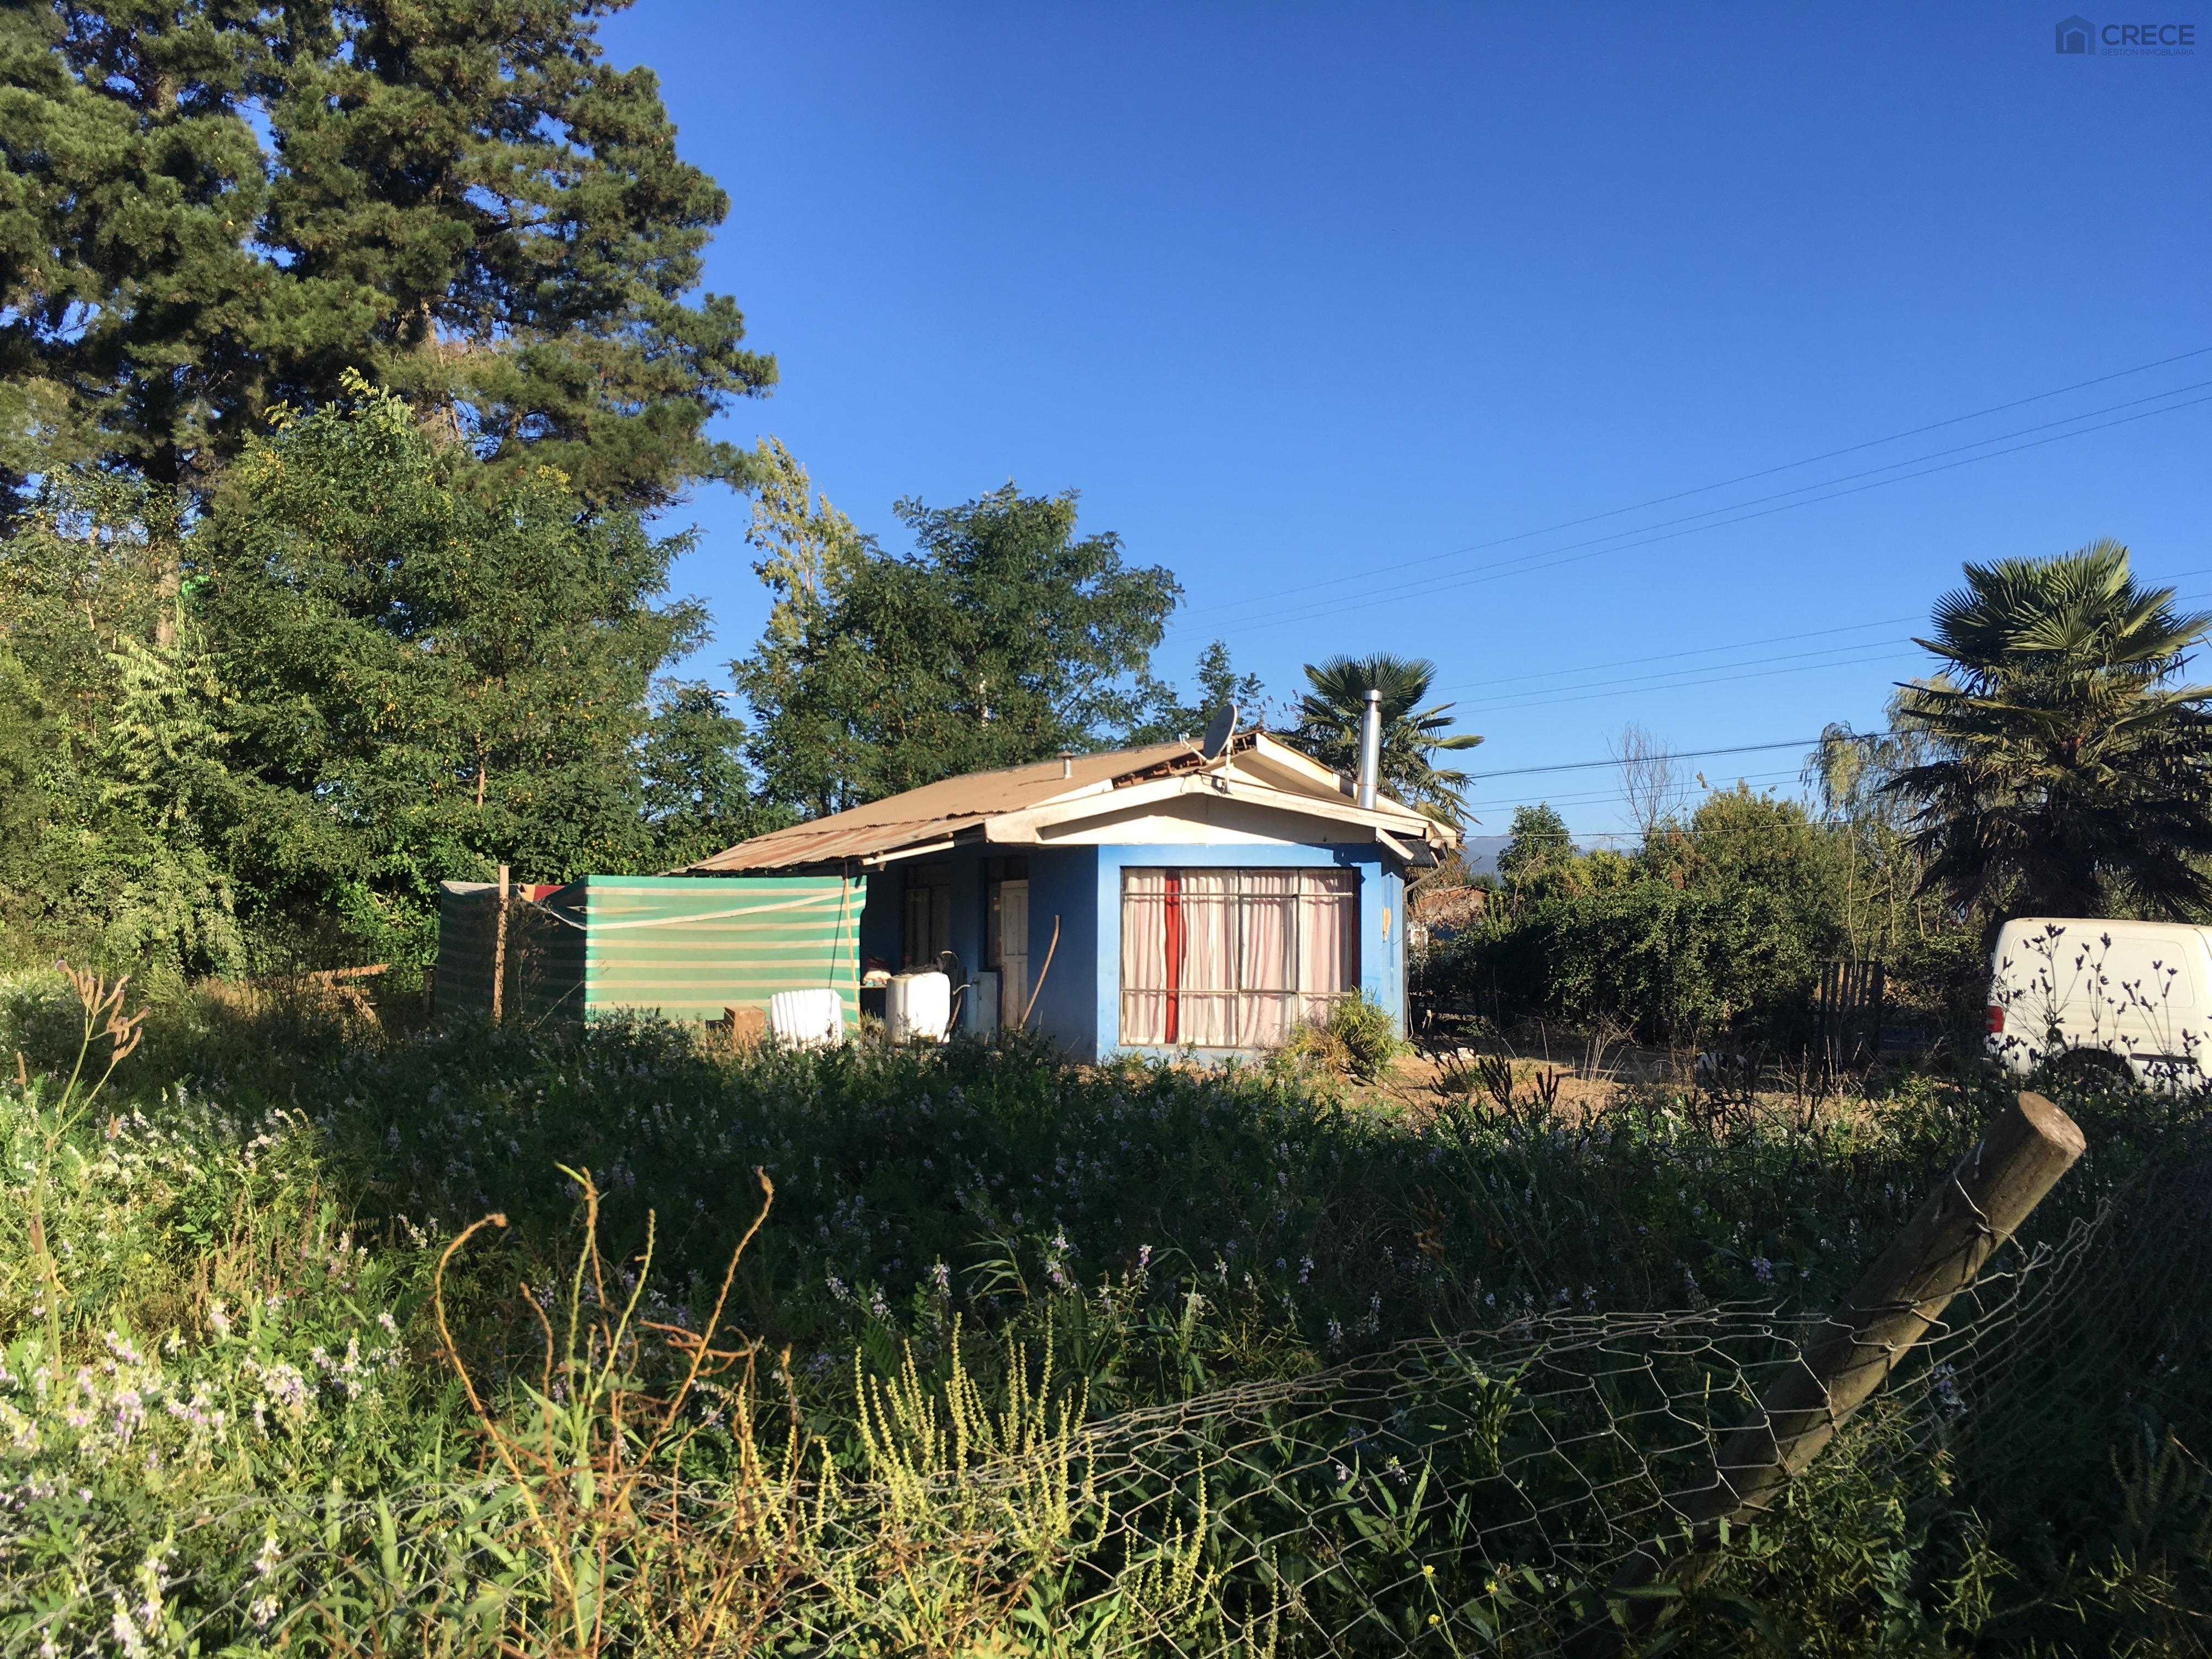 Parcela y Casa en Colbún, VII región del Maule.